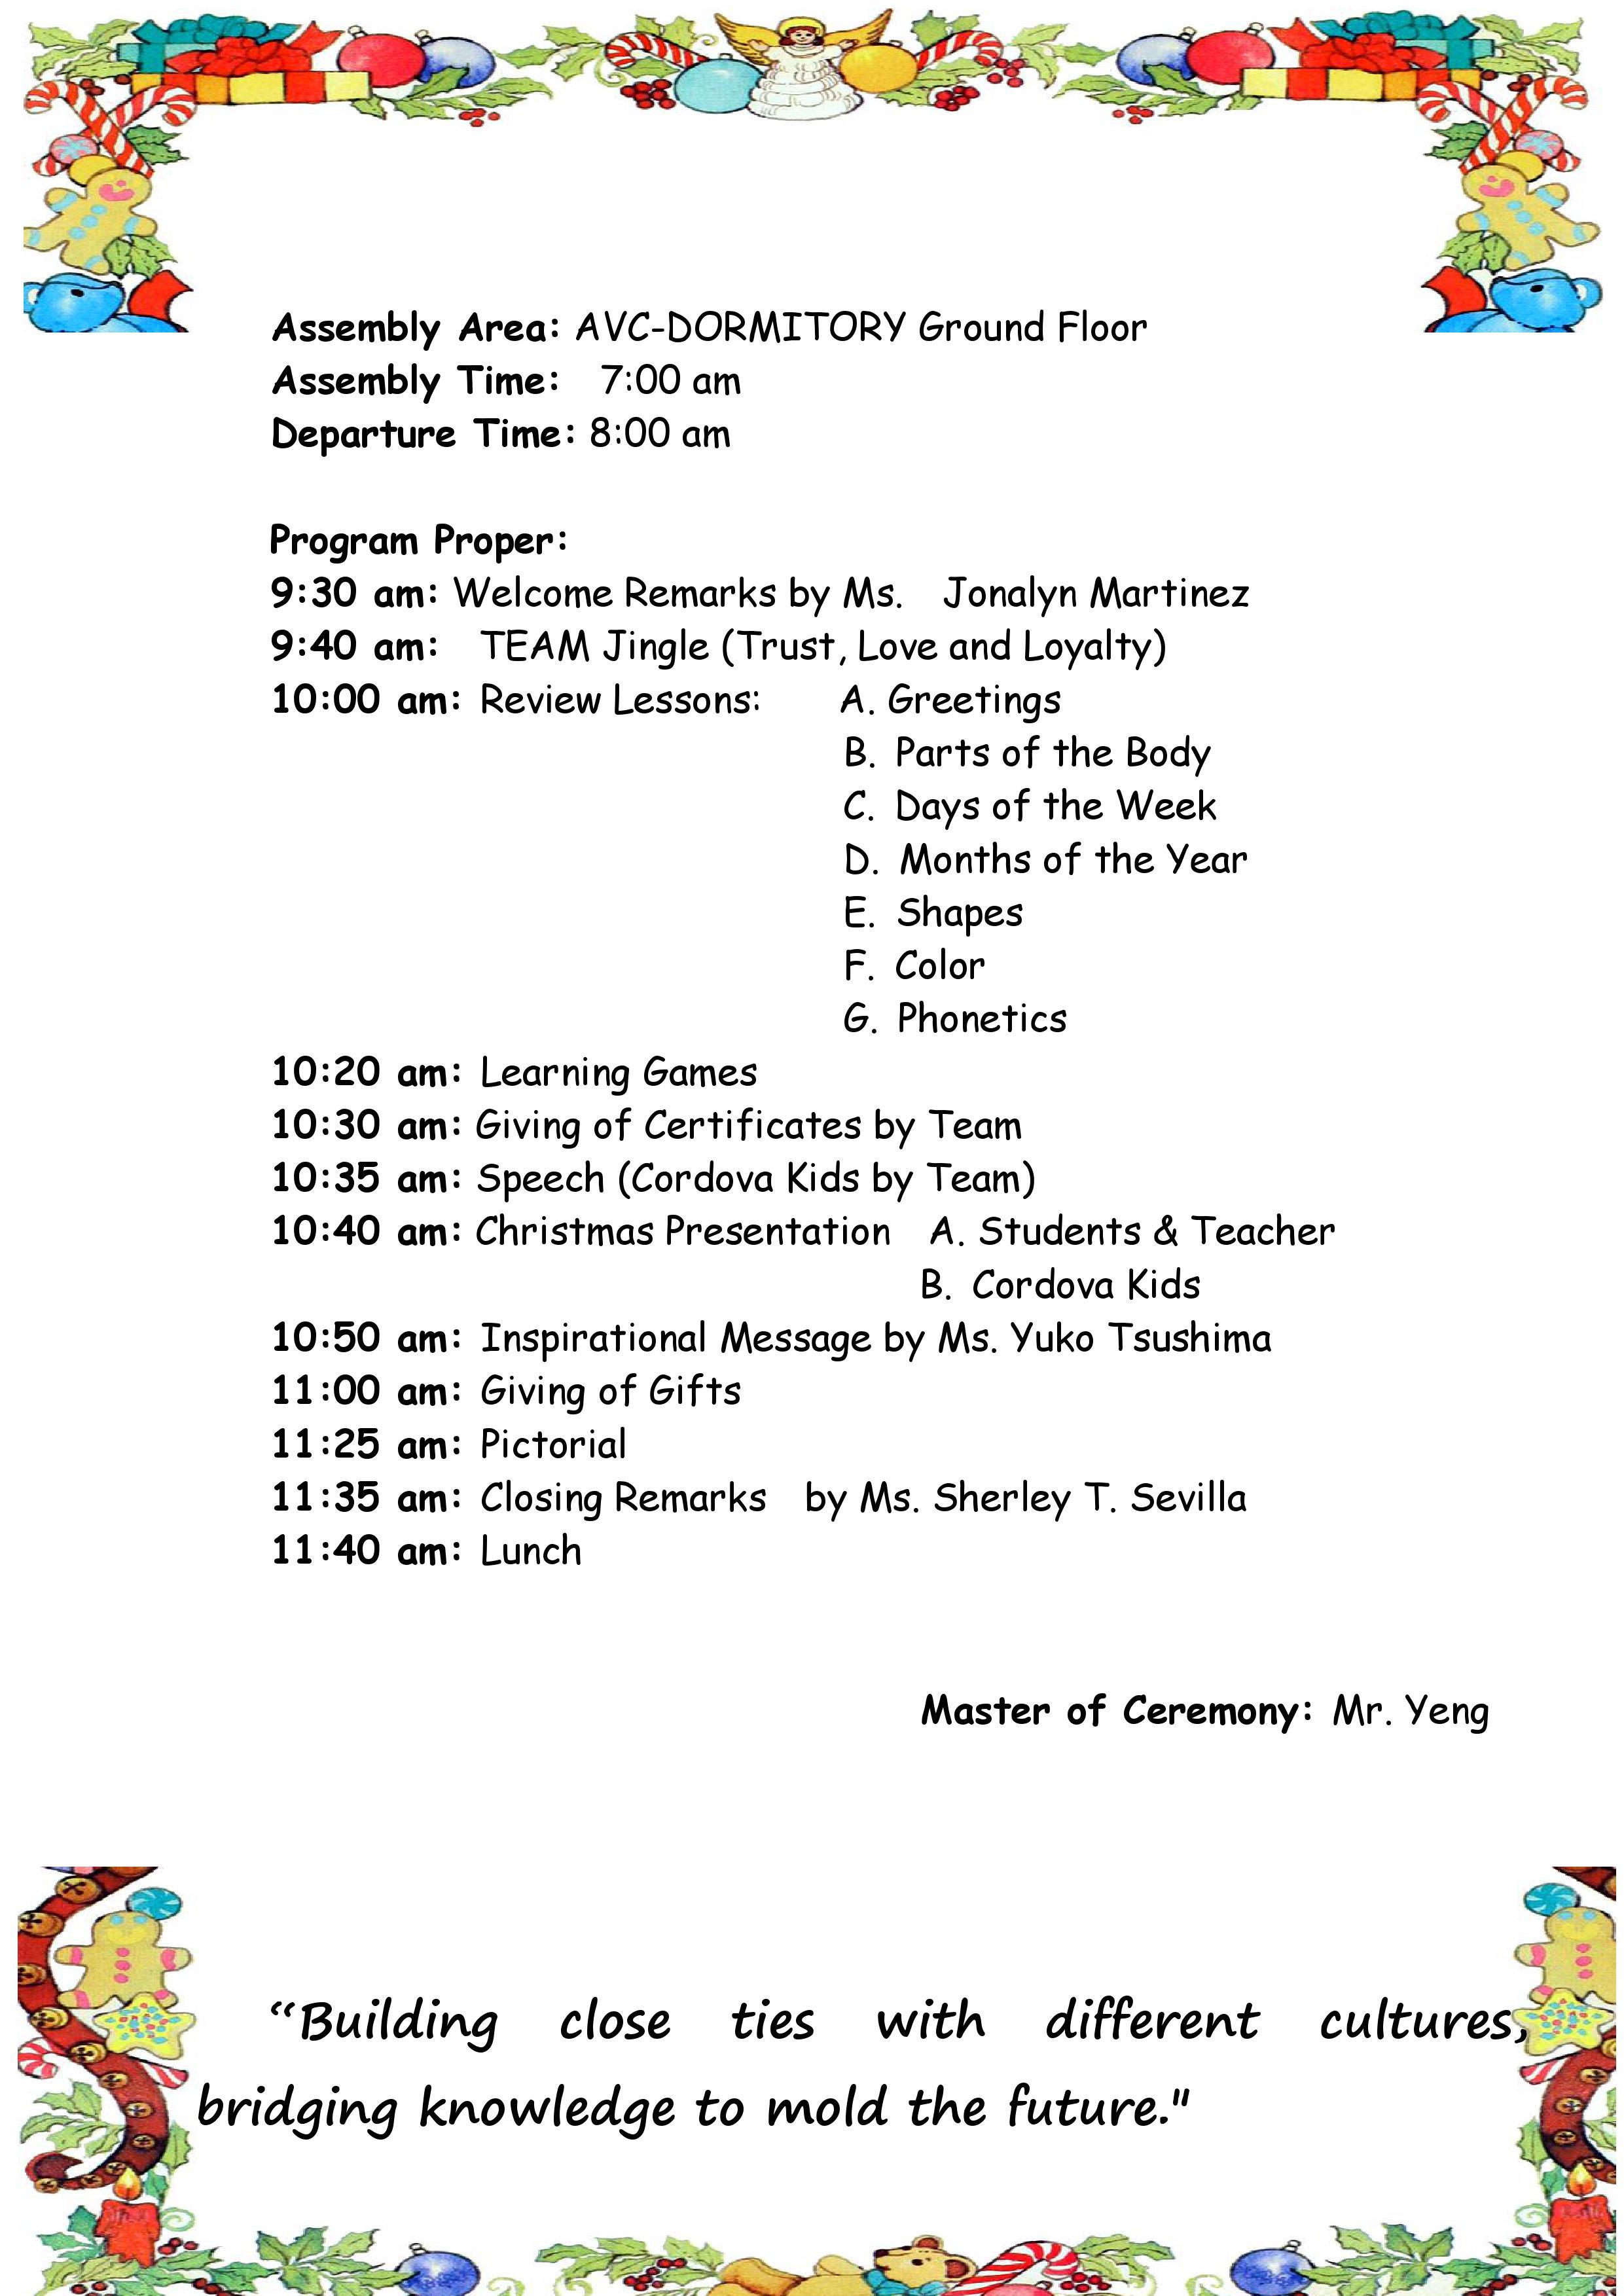 チャリティイベントプログラム